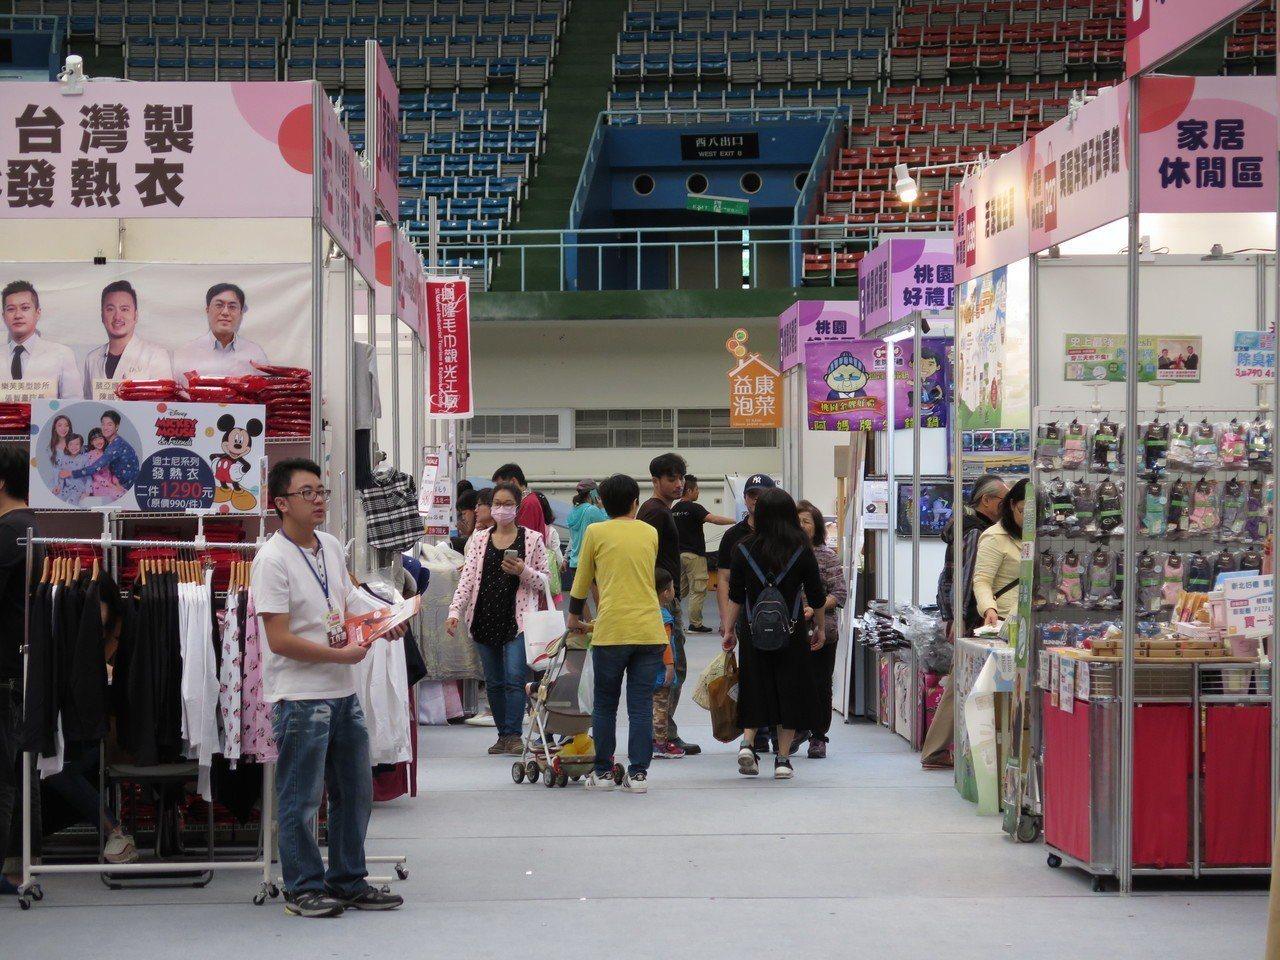 桃園購物節今天起一連四天在桃園巨蛋登場,展場規畫六大特色展區,共有178個攤位參...